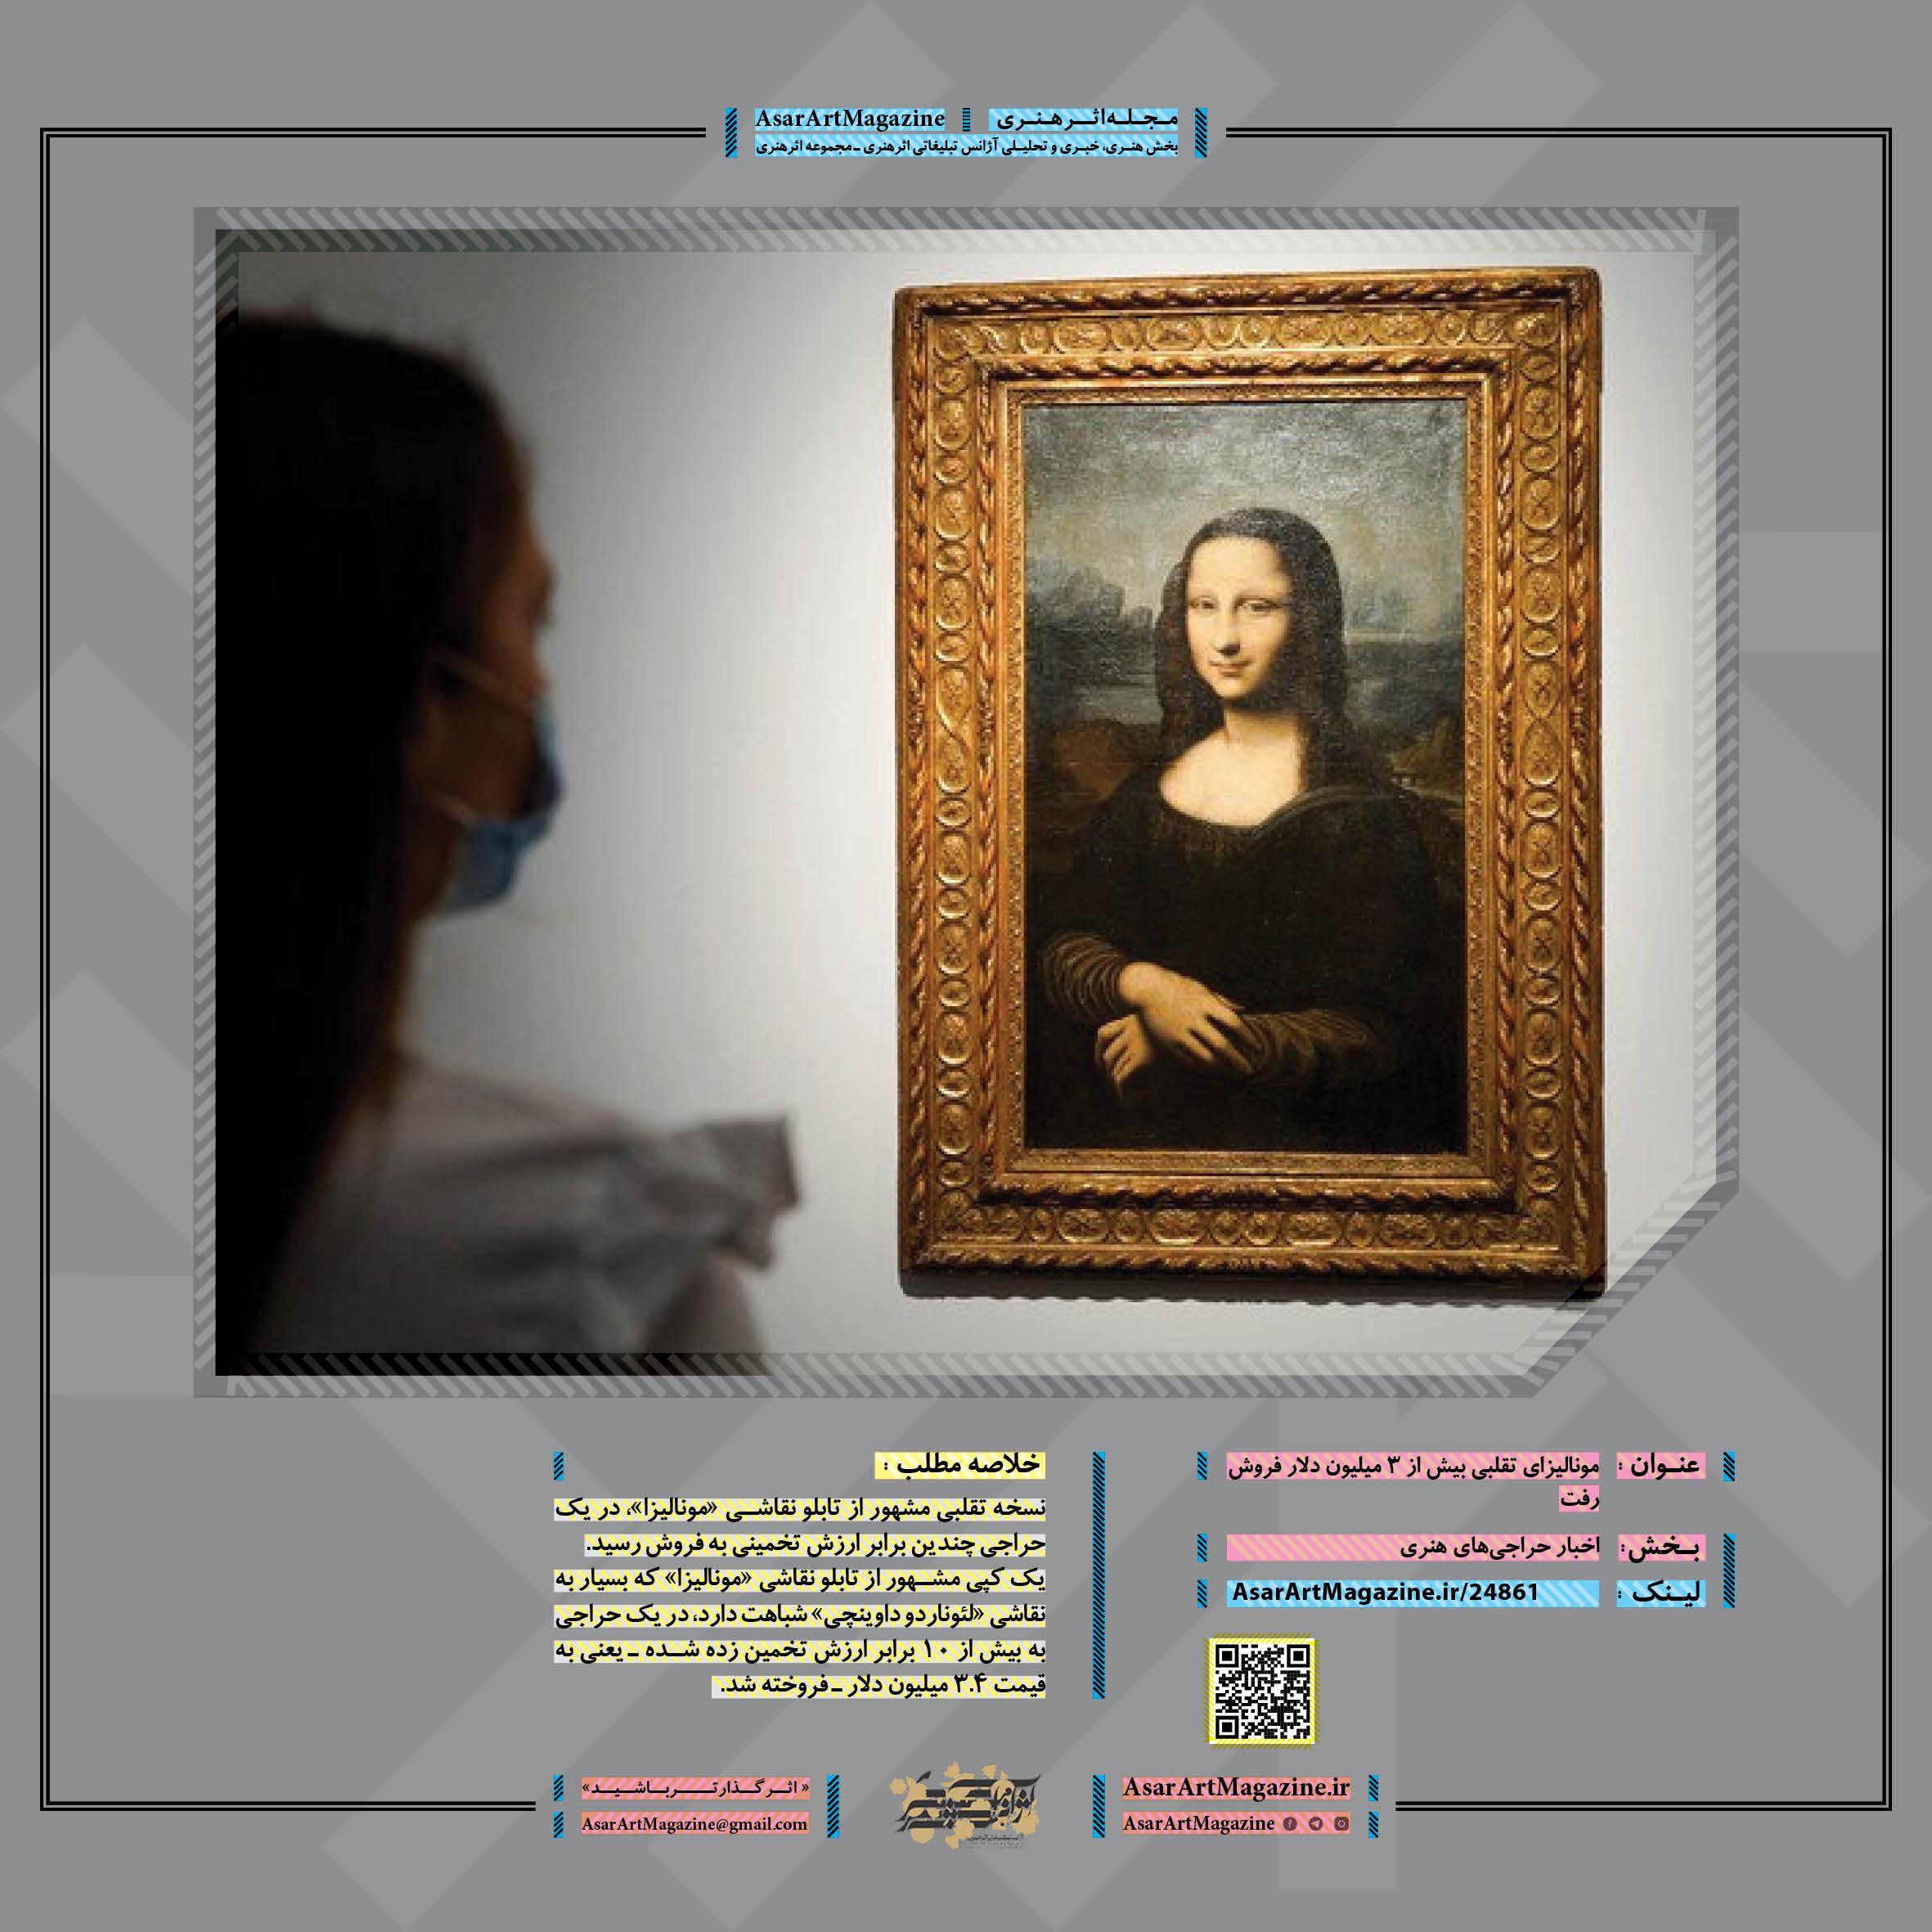 مونالیزای تقلبی بیش از 3 میلیون دلار فروش رفت لینک : https://asarartmagazine.ir/?p=24865👇 سایت : AsarArtMagazine.ir اینستاگرام : instagram.com/AsarArtMagazine تلگرام :  t.me/AsarArtMagazine 👆